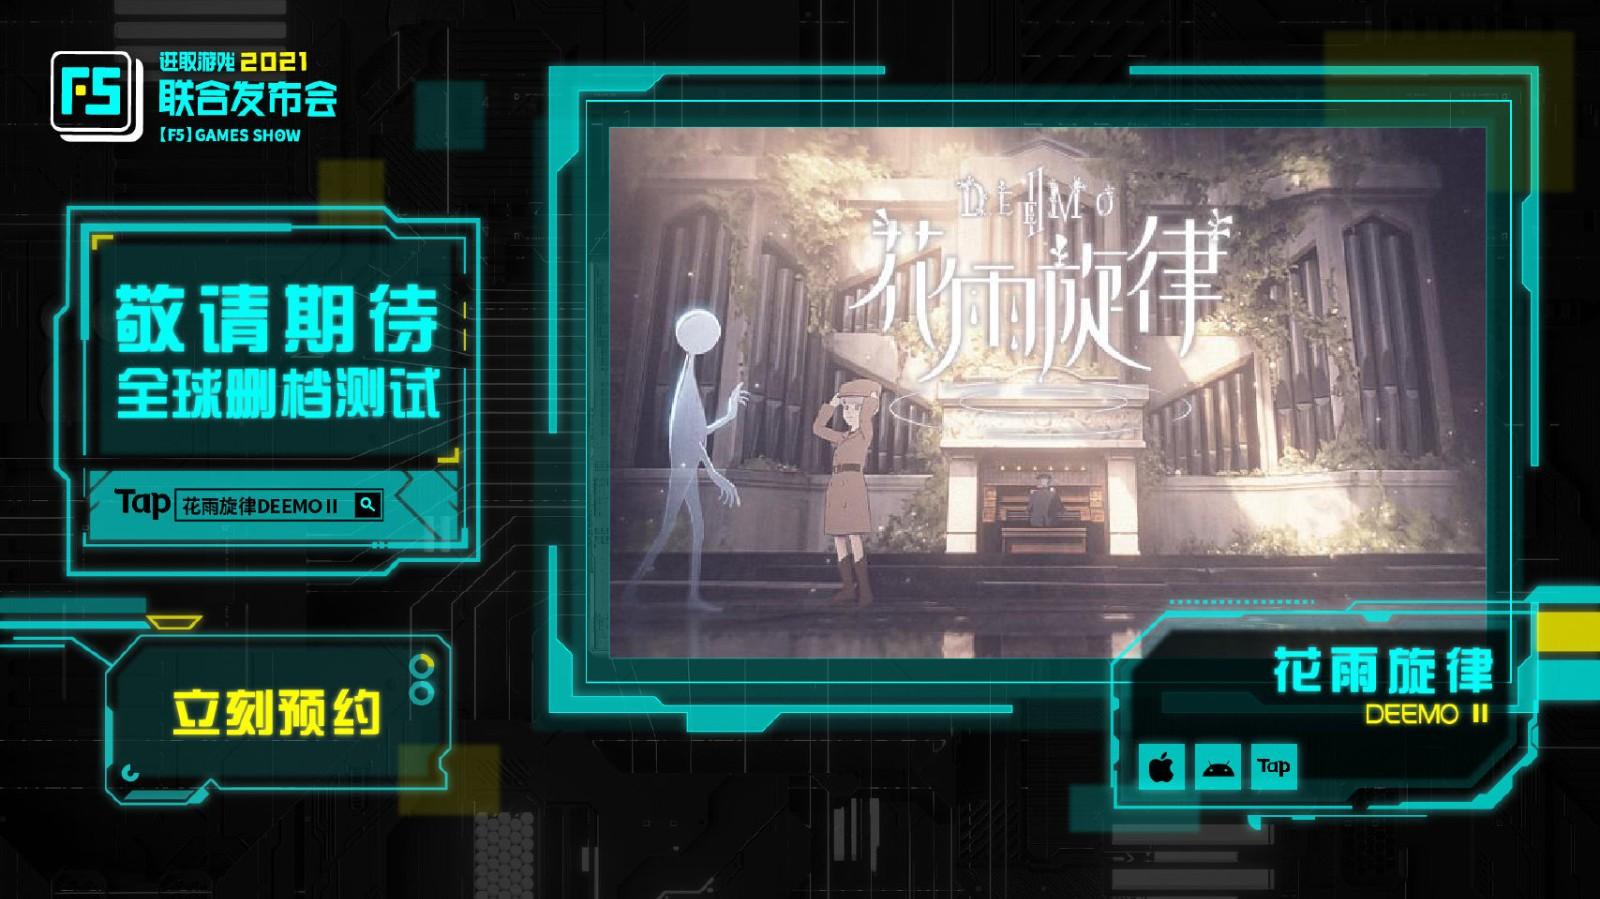 F5联合发布会:音乐游戏《DEEMO II》首曝中文名《花雨旋律DEEMO II》